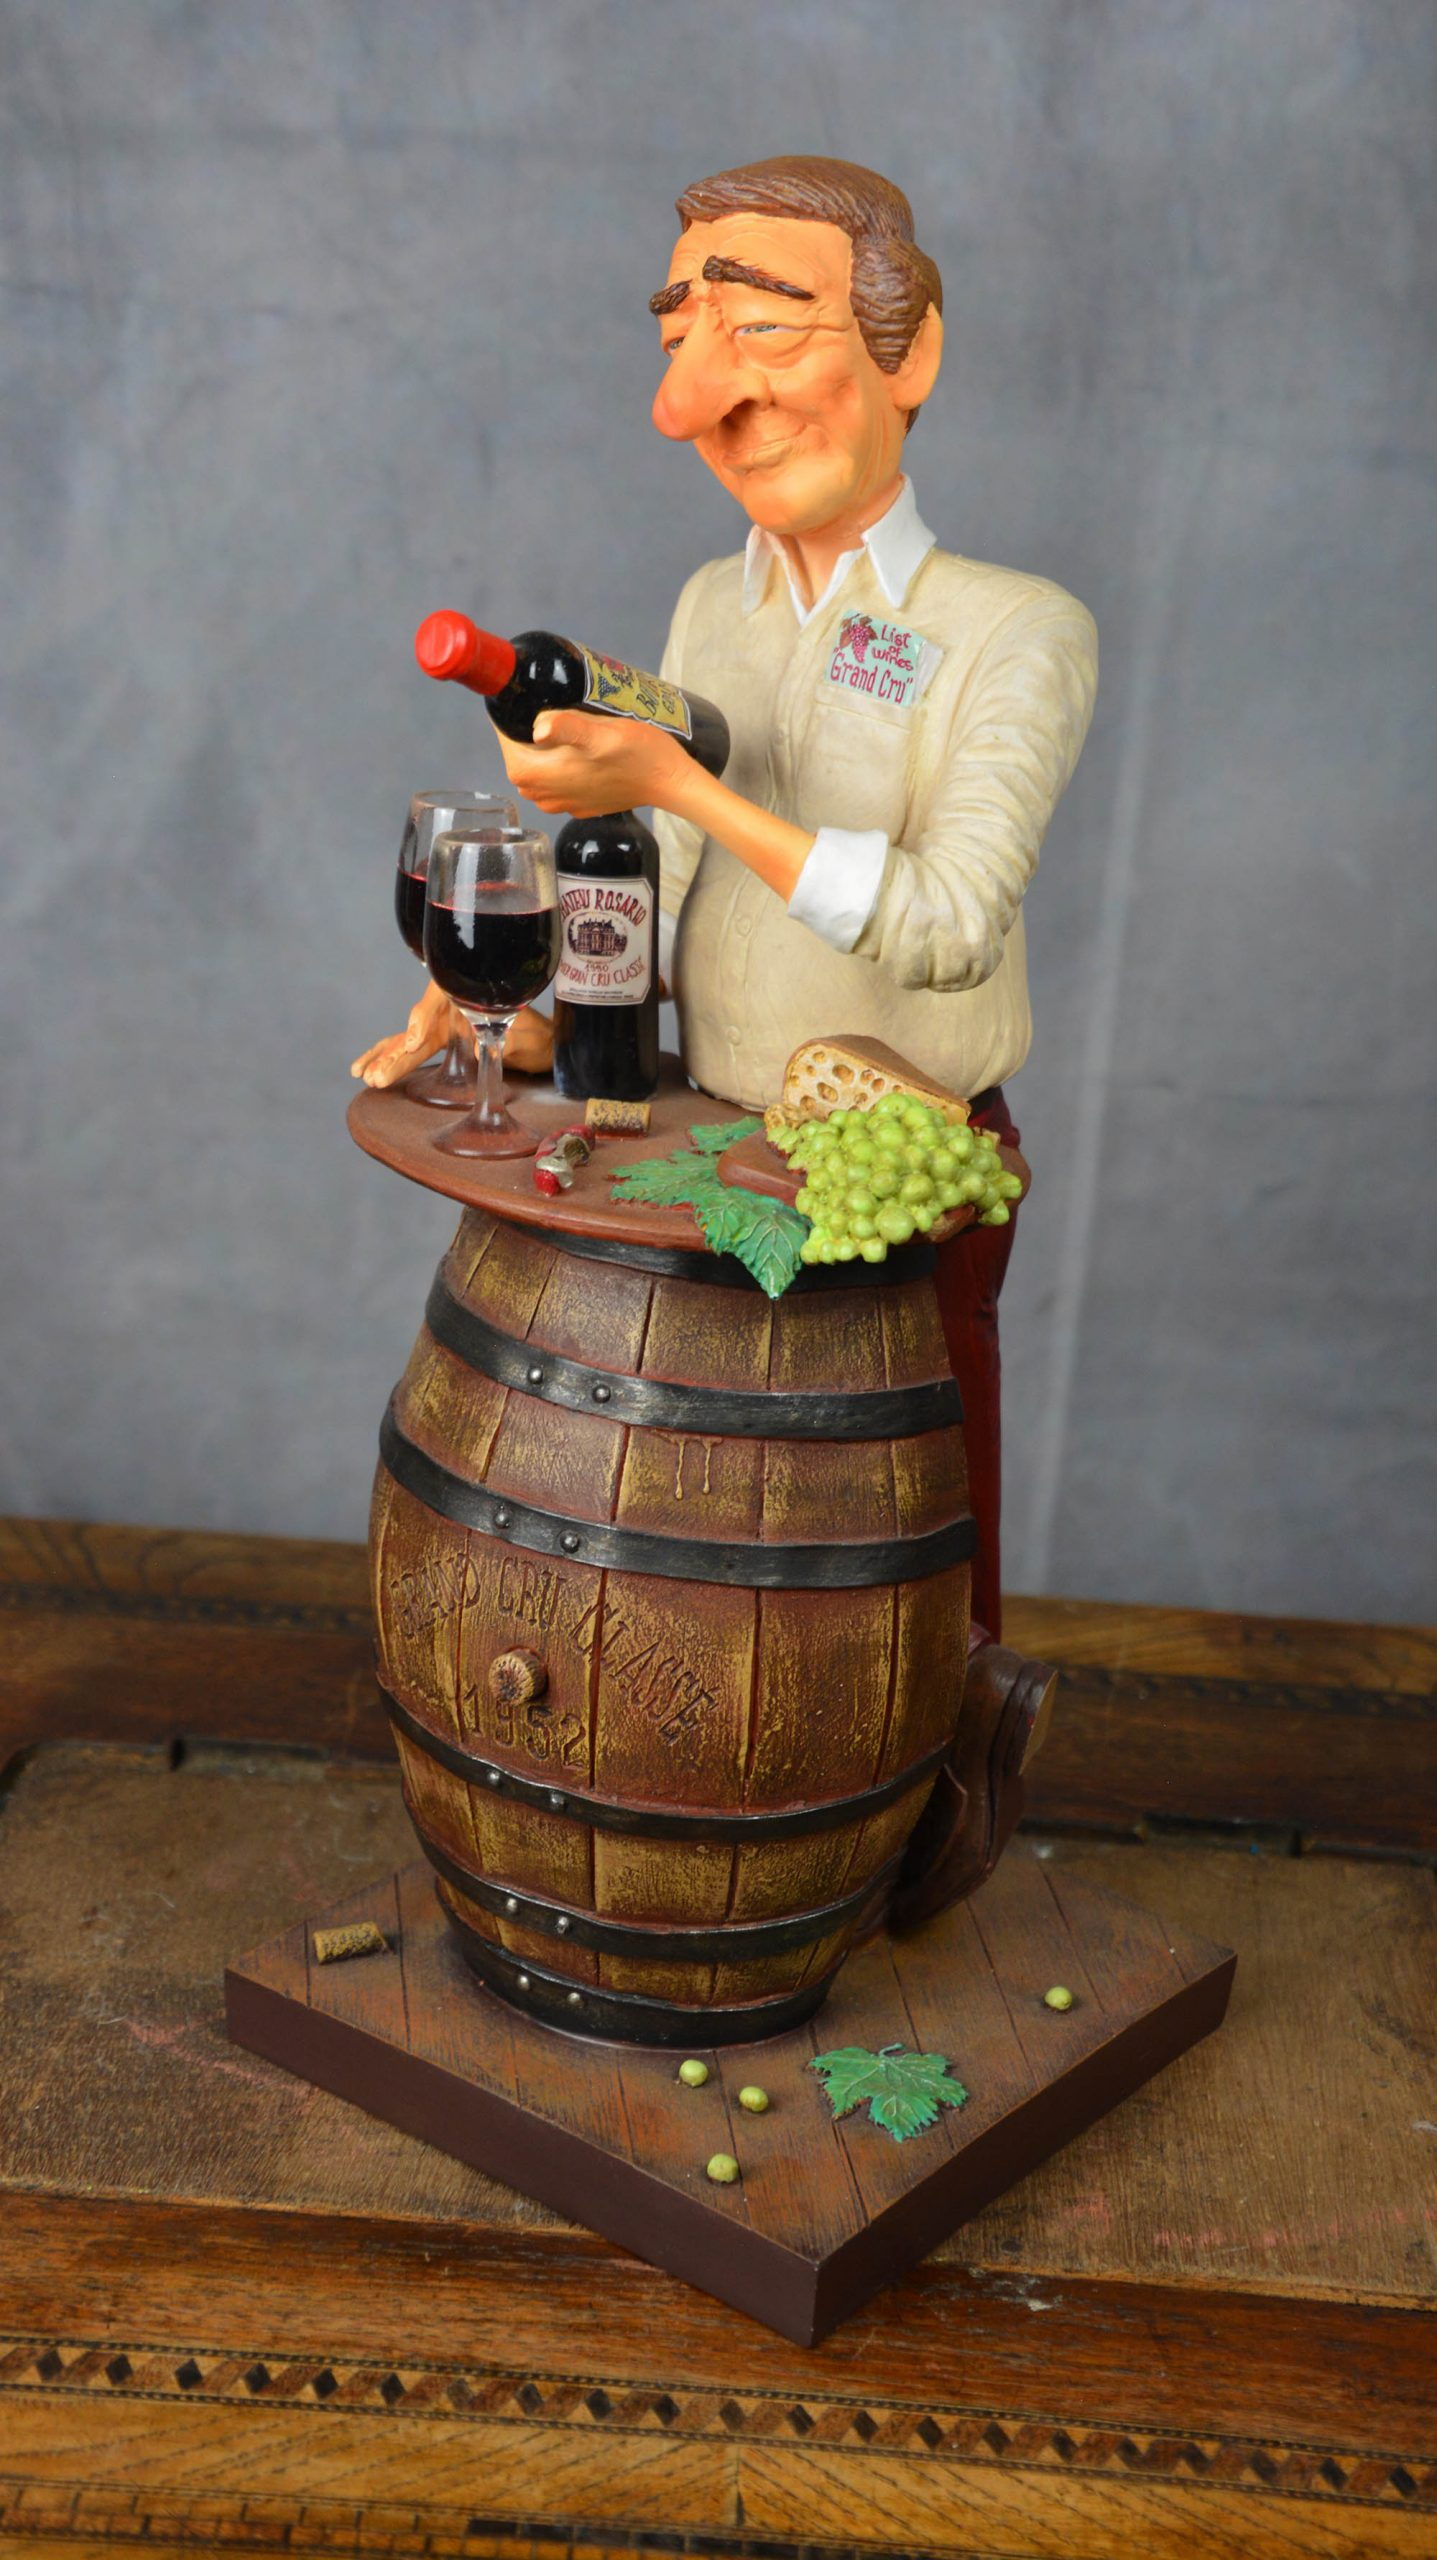 boutique figurine piece artisanale sommelier parodie